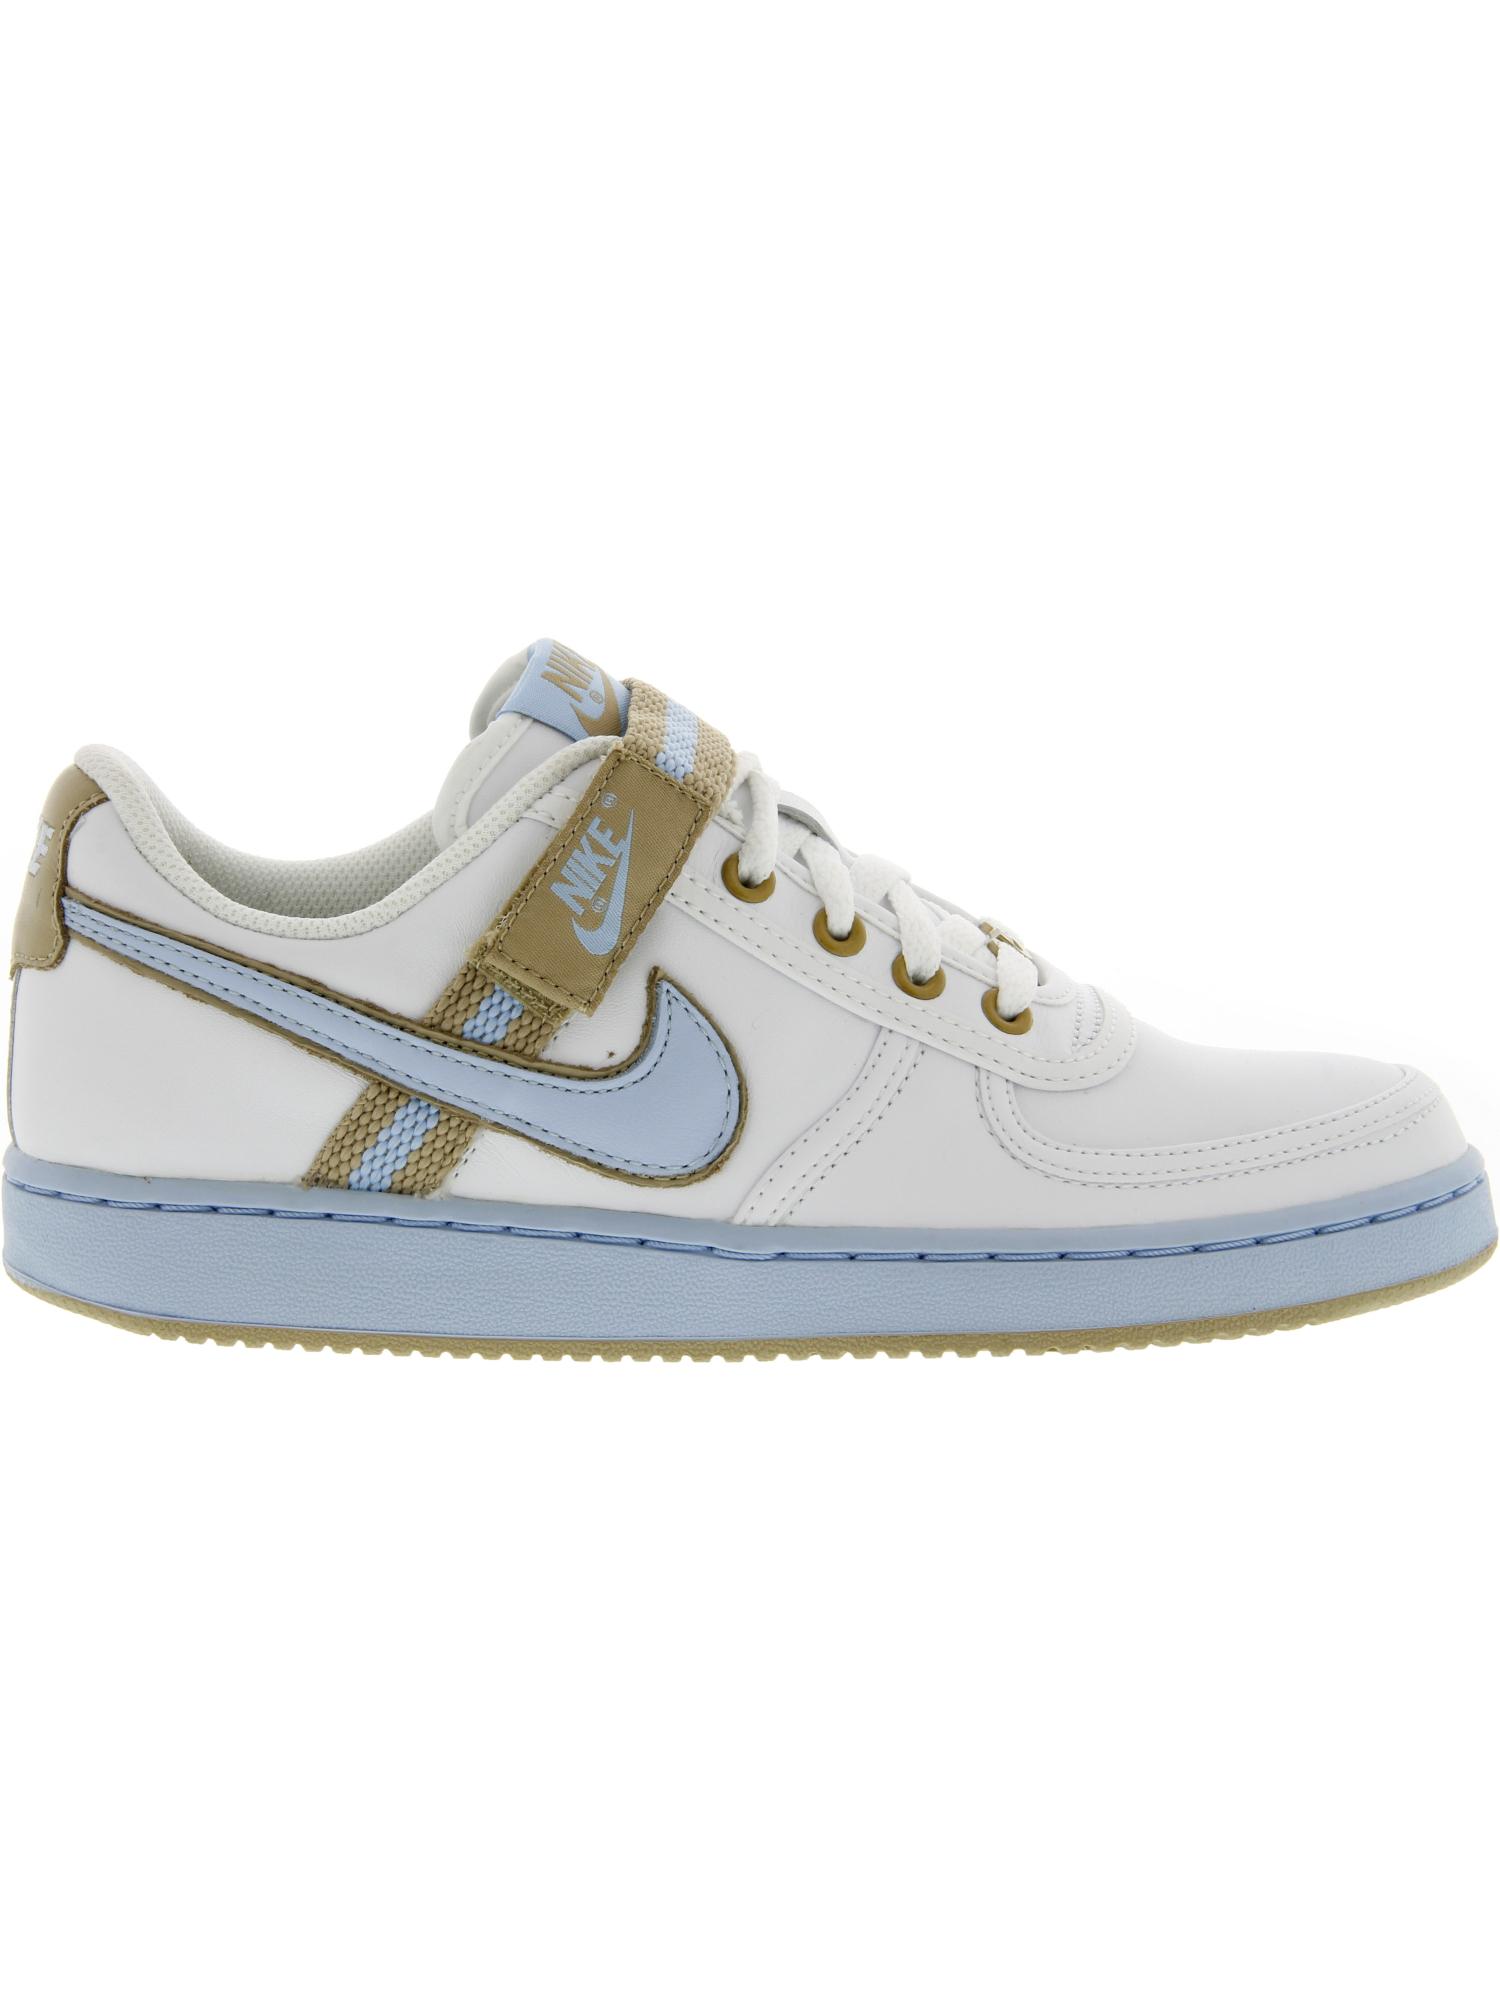 Nike Women s Vandal Low Ankle-High Fashion Sneaker  167a79491